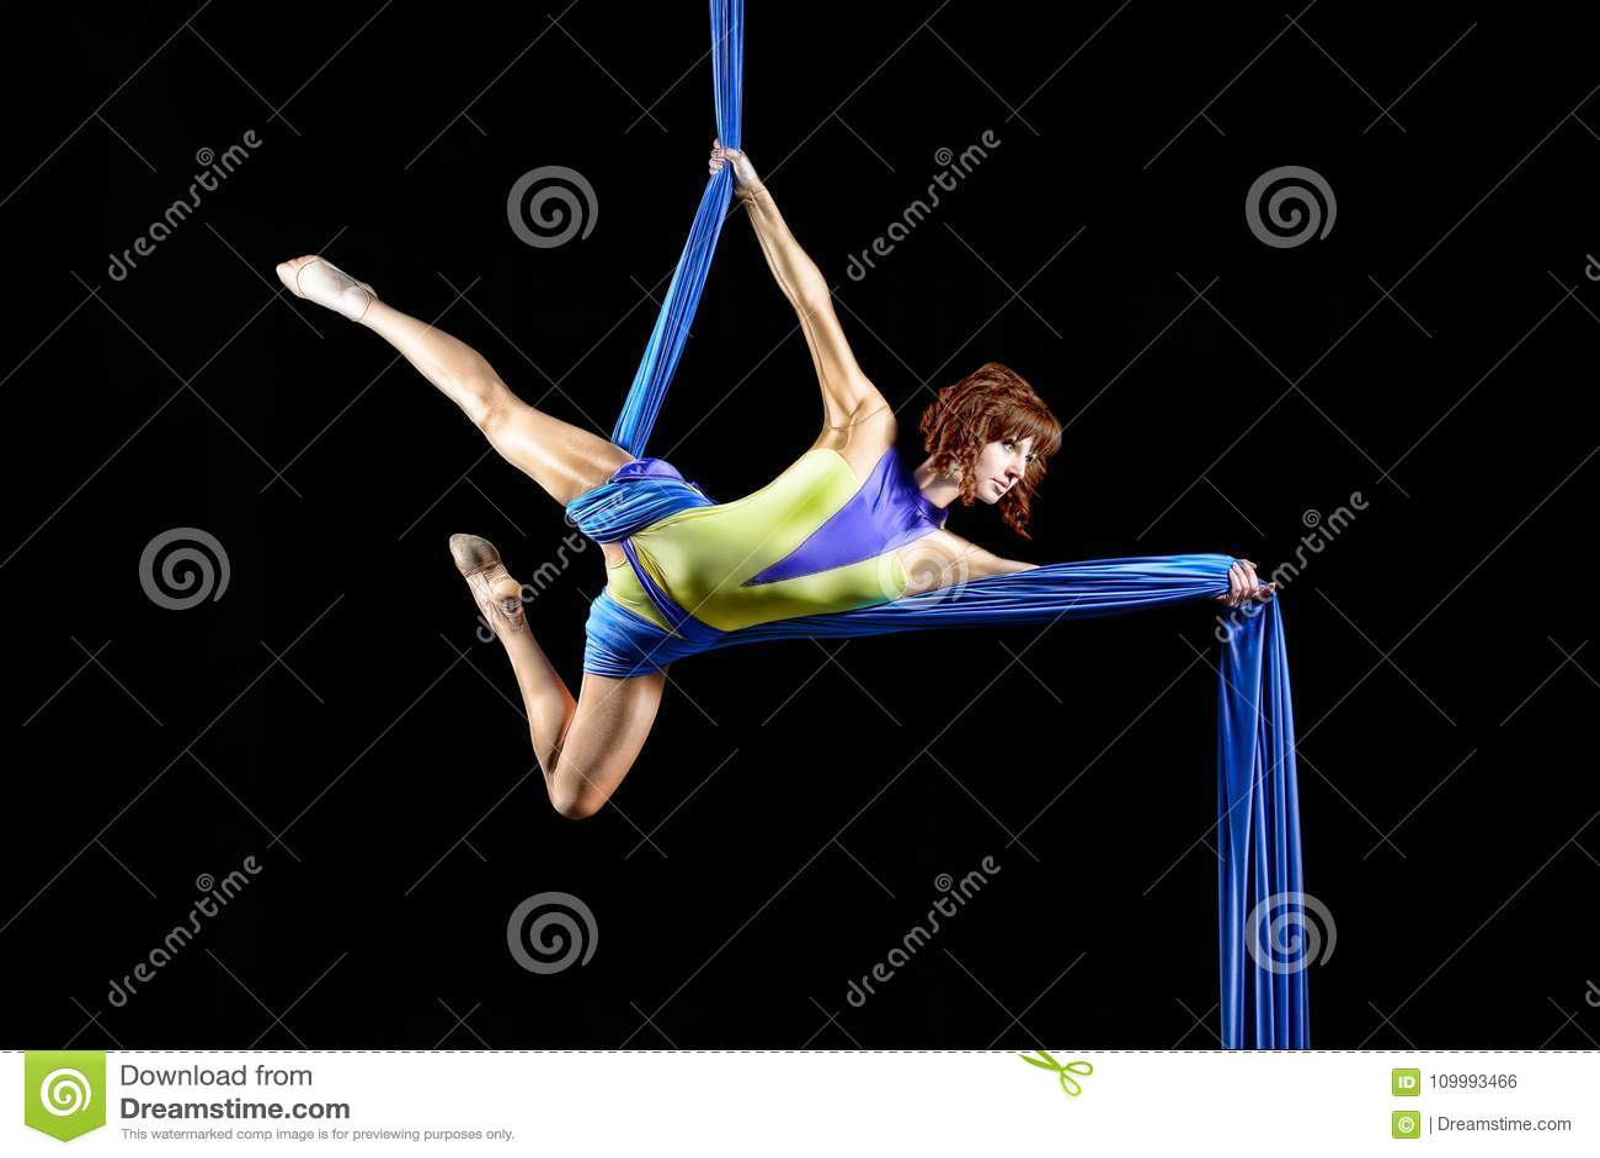 美丽的年轻人,运动性感的有红头发人的妇女专业空中马戏艺术家在黄色服装在天空中的摆在对角线,